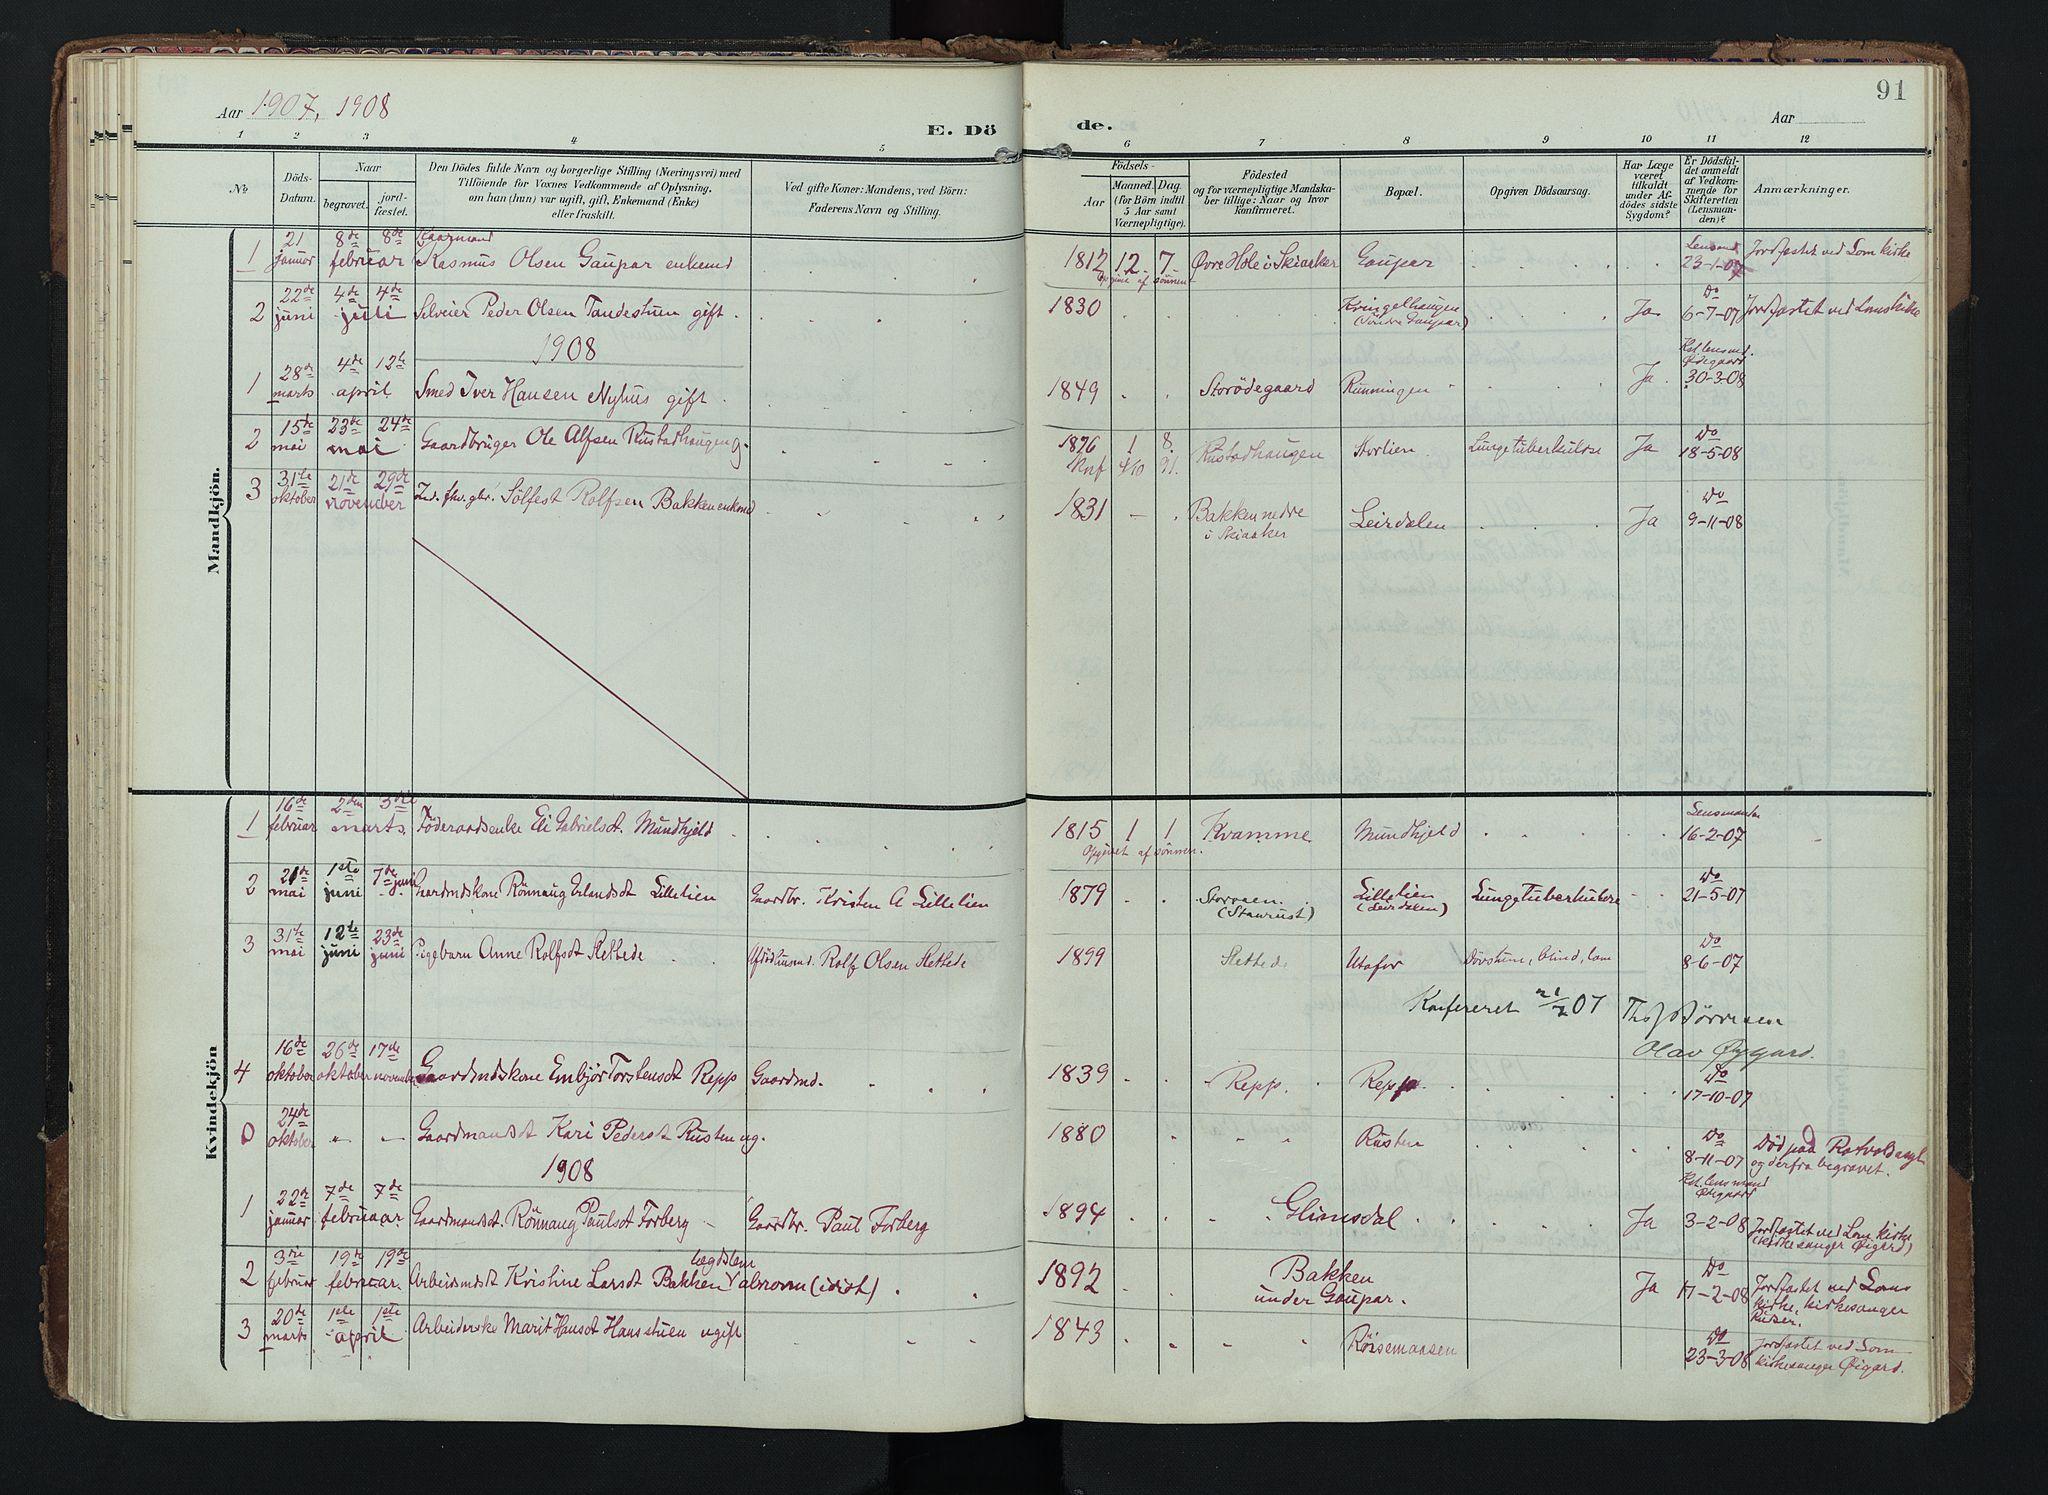 SAH, Lom prestekontor, K/L0012: Ministerialbok nr. 12, 1904-1928, s. 91